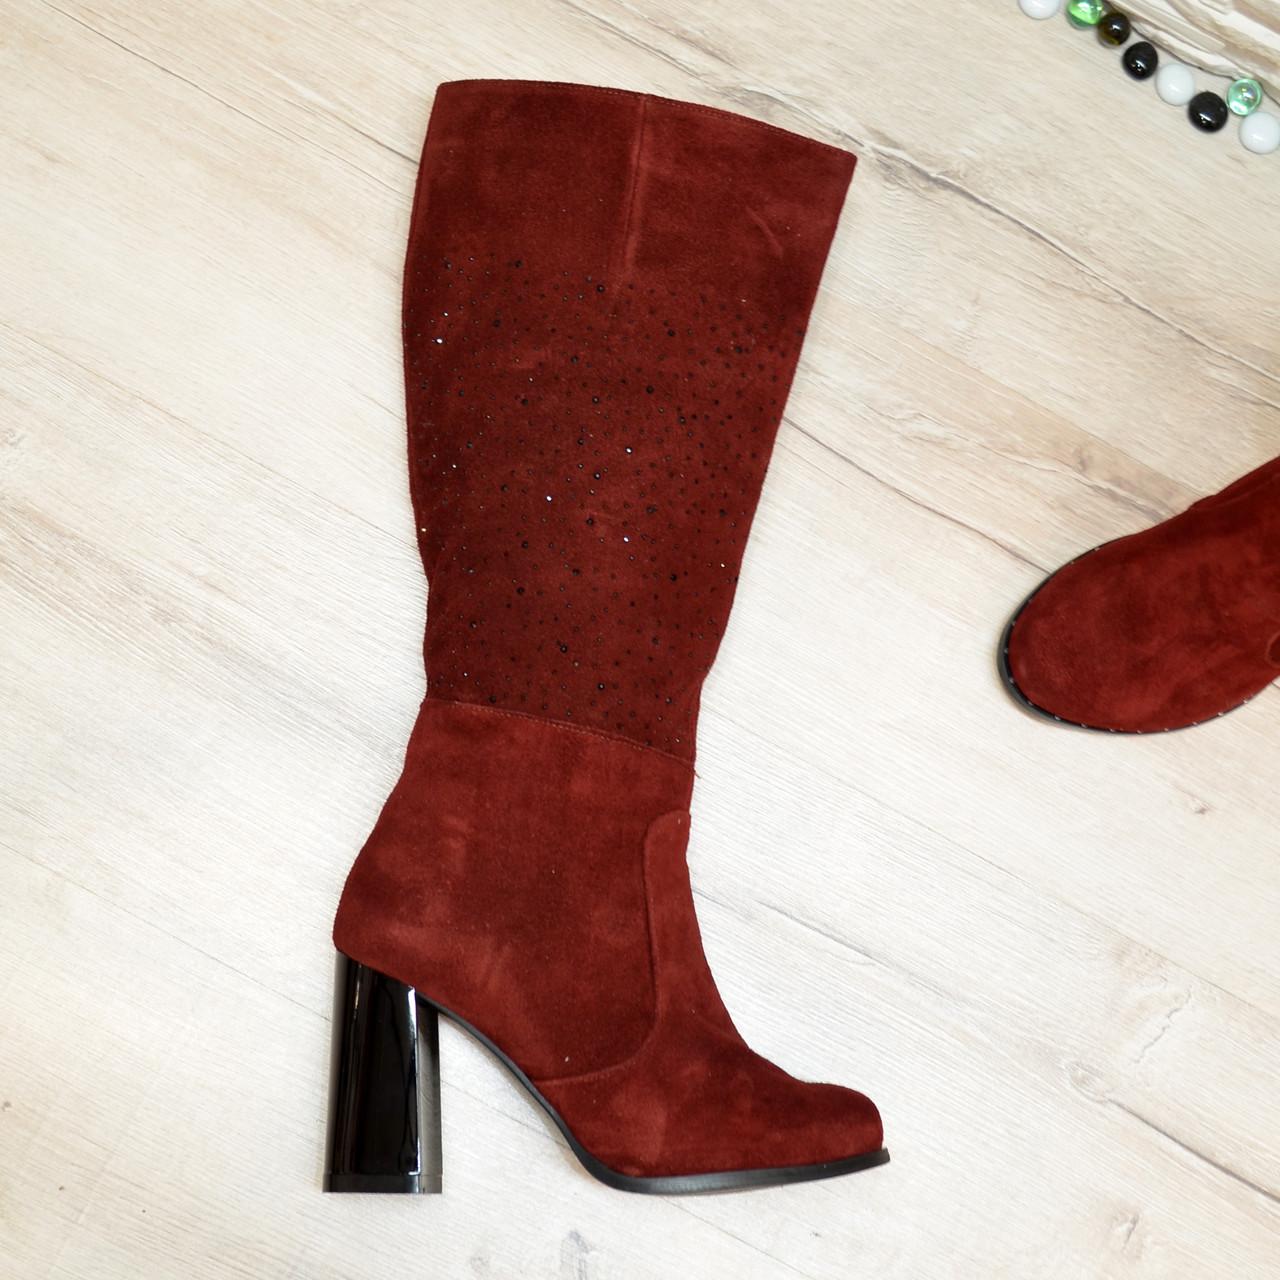 Сапоги зимние замшевые бордового цвета на высоком каблуке, декорированы накаткой камней